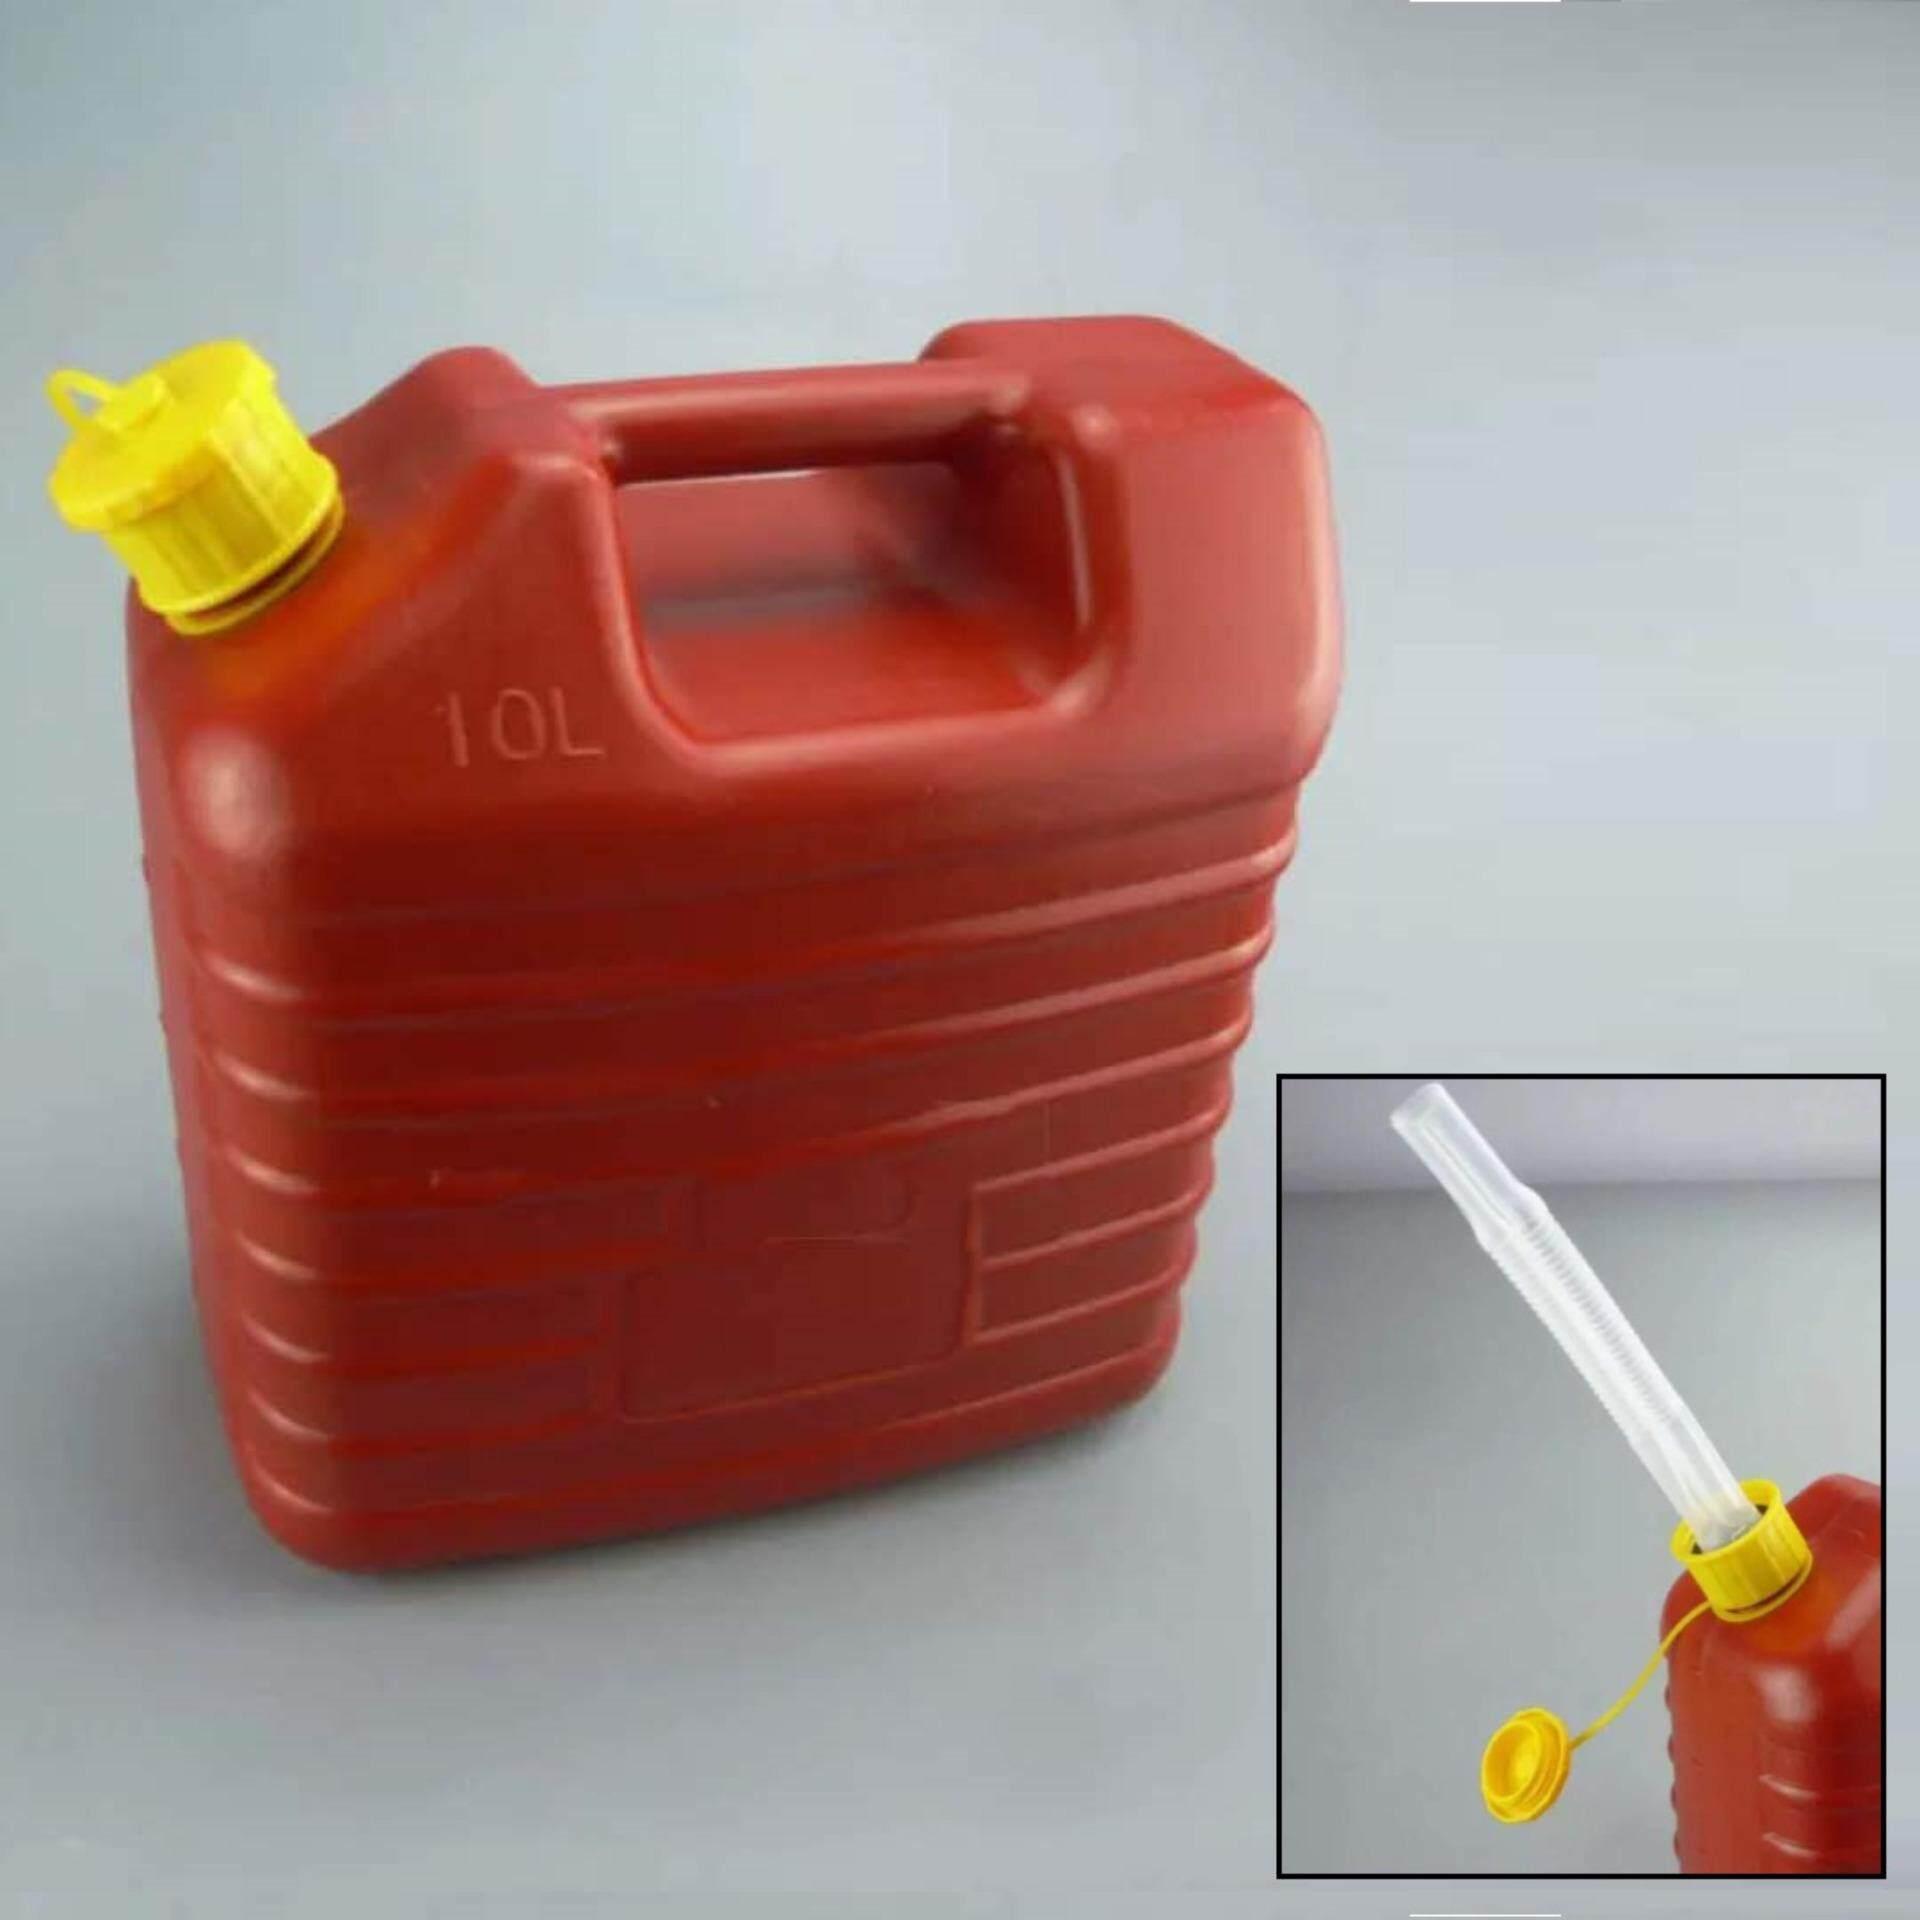 ถังน้ำมัน แกลลอนน้ำมัน 10 Litre Fuel Tank.